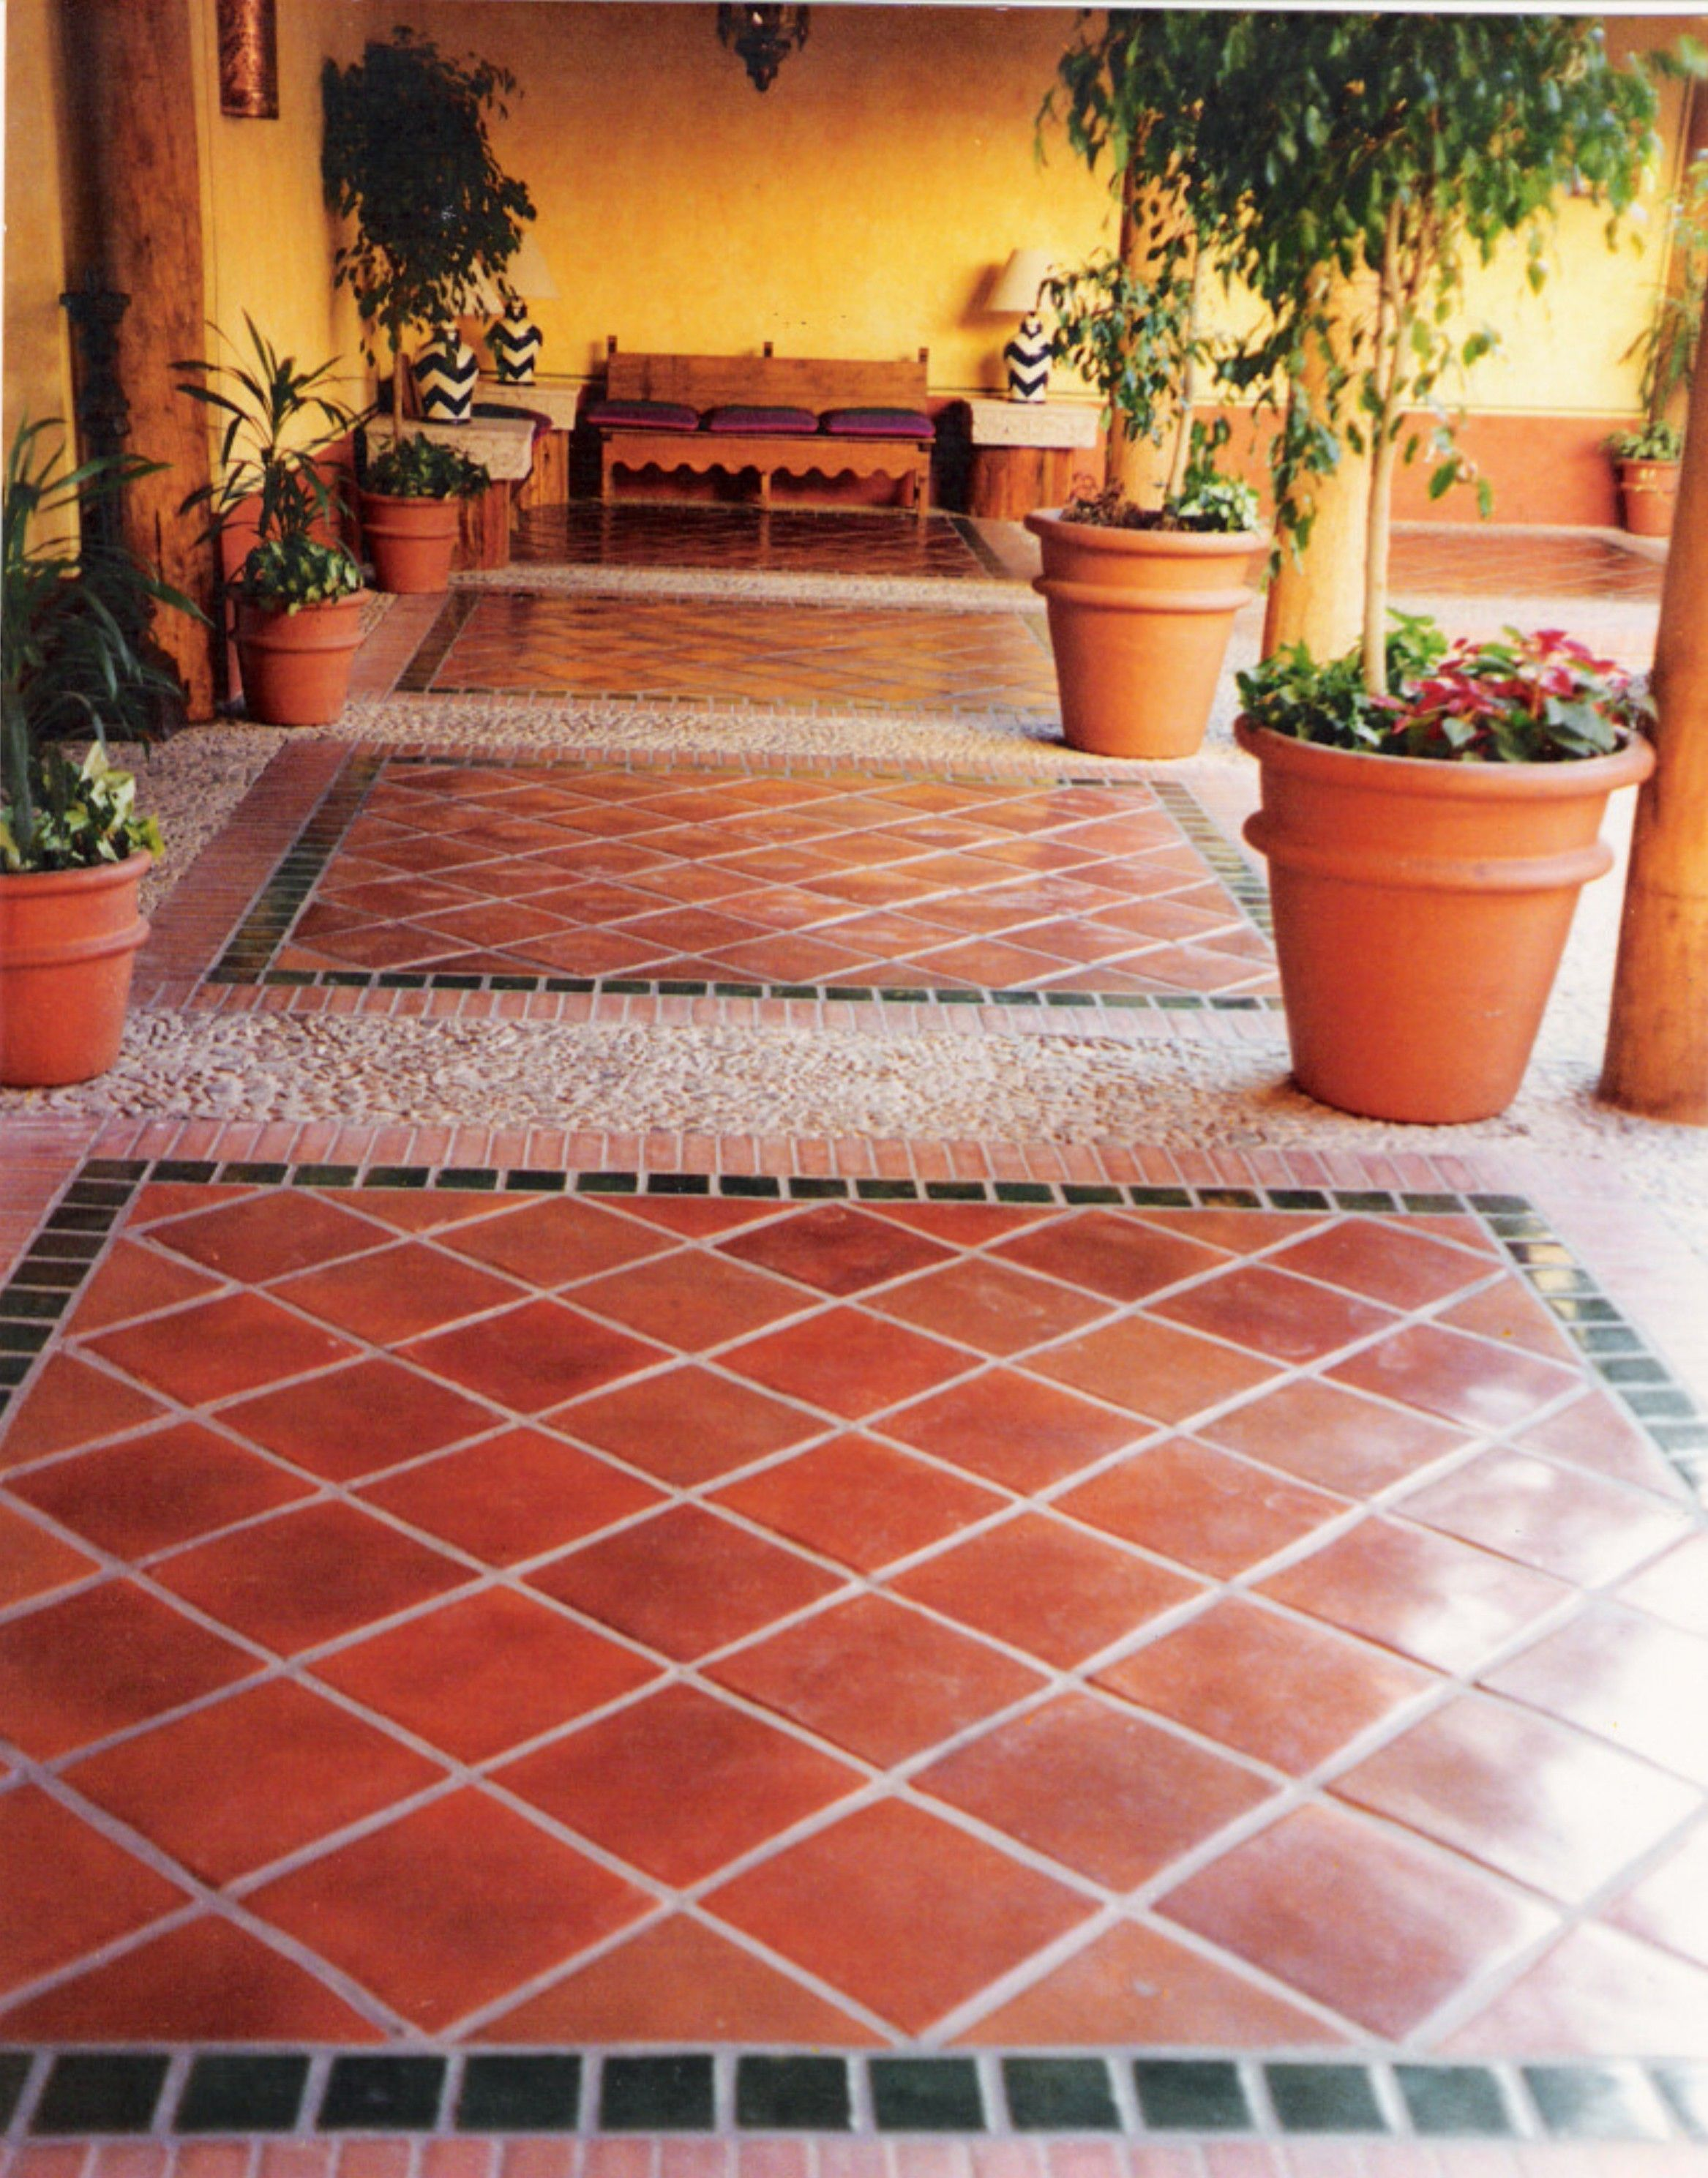 Ceramica san pedro instalaciones pisos y accesorios en for Pisos para patios